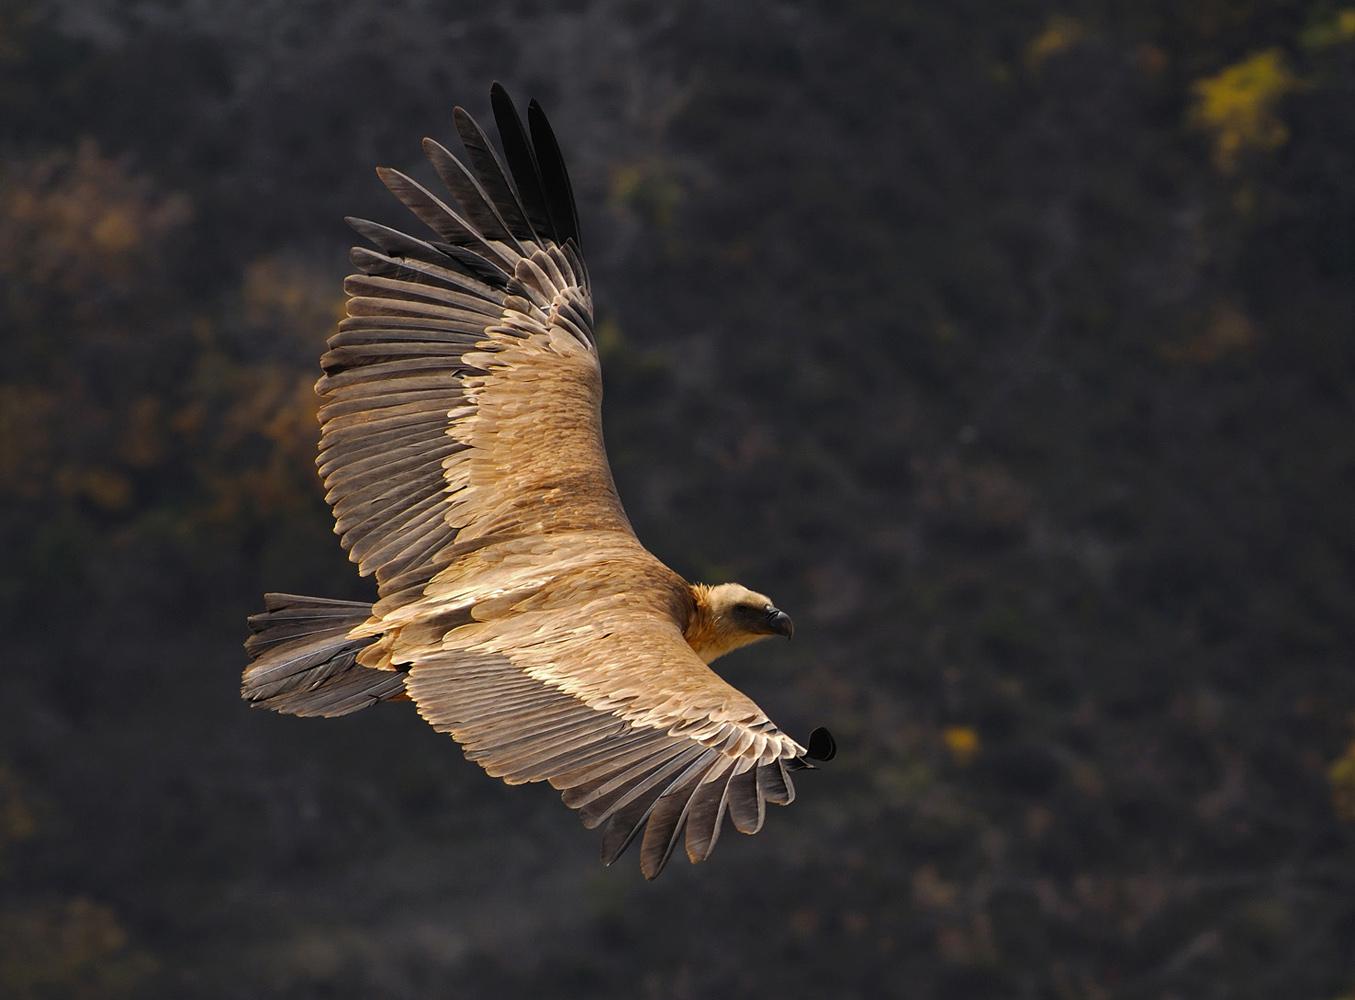 """фото """"Белоголовый сип"""" метки: природа, Сип, дикие животные, крылья, полет, размах"""